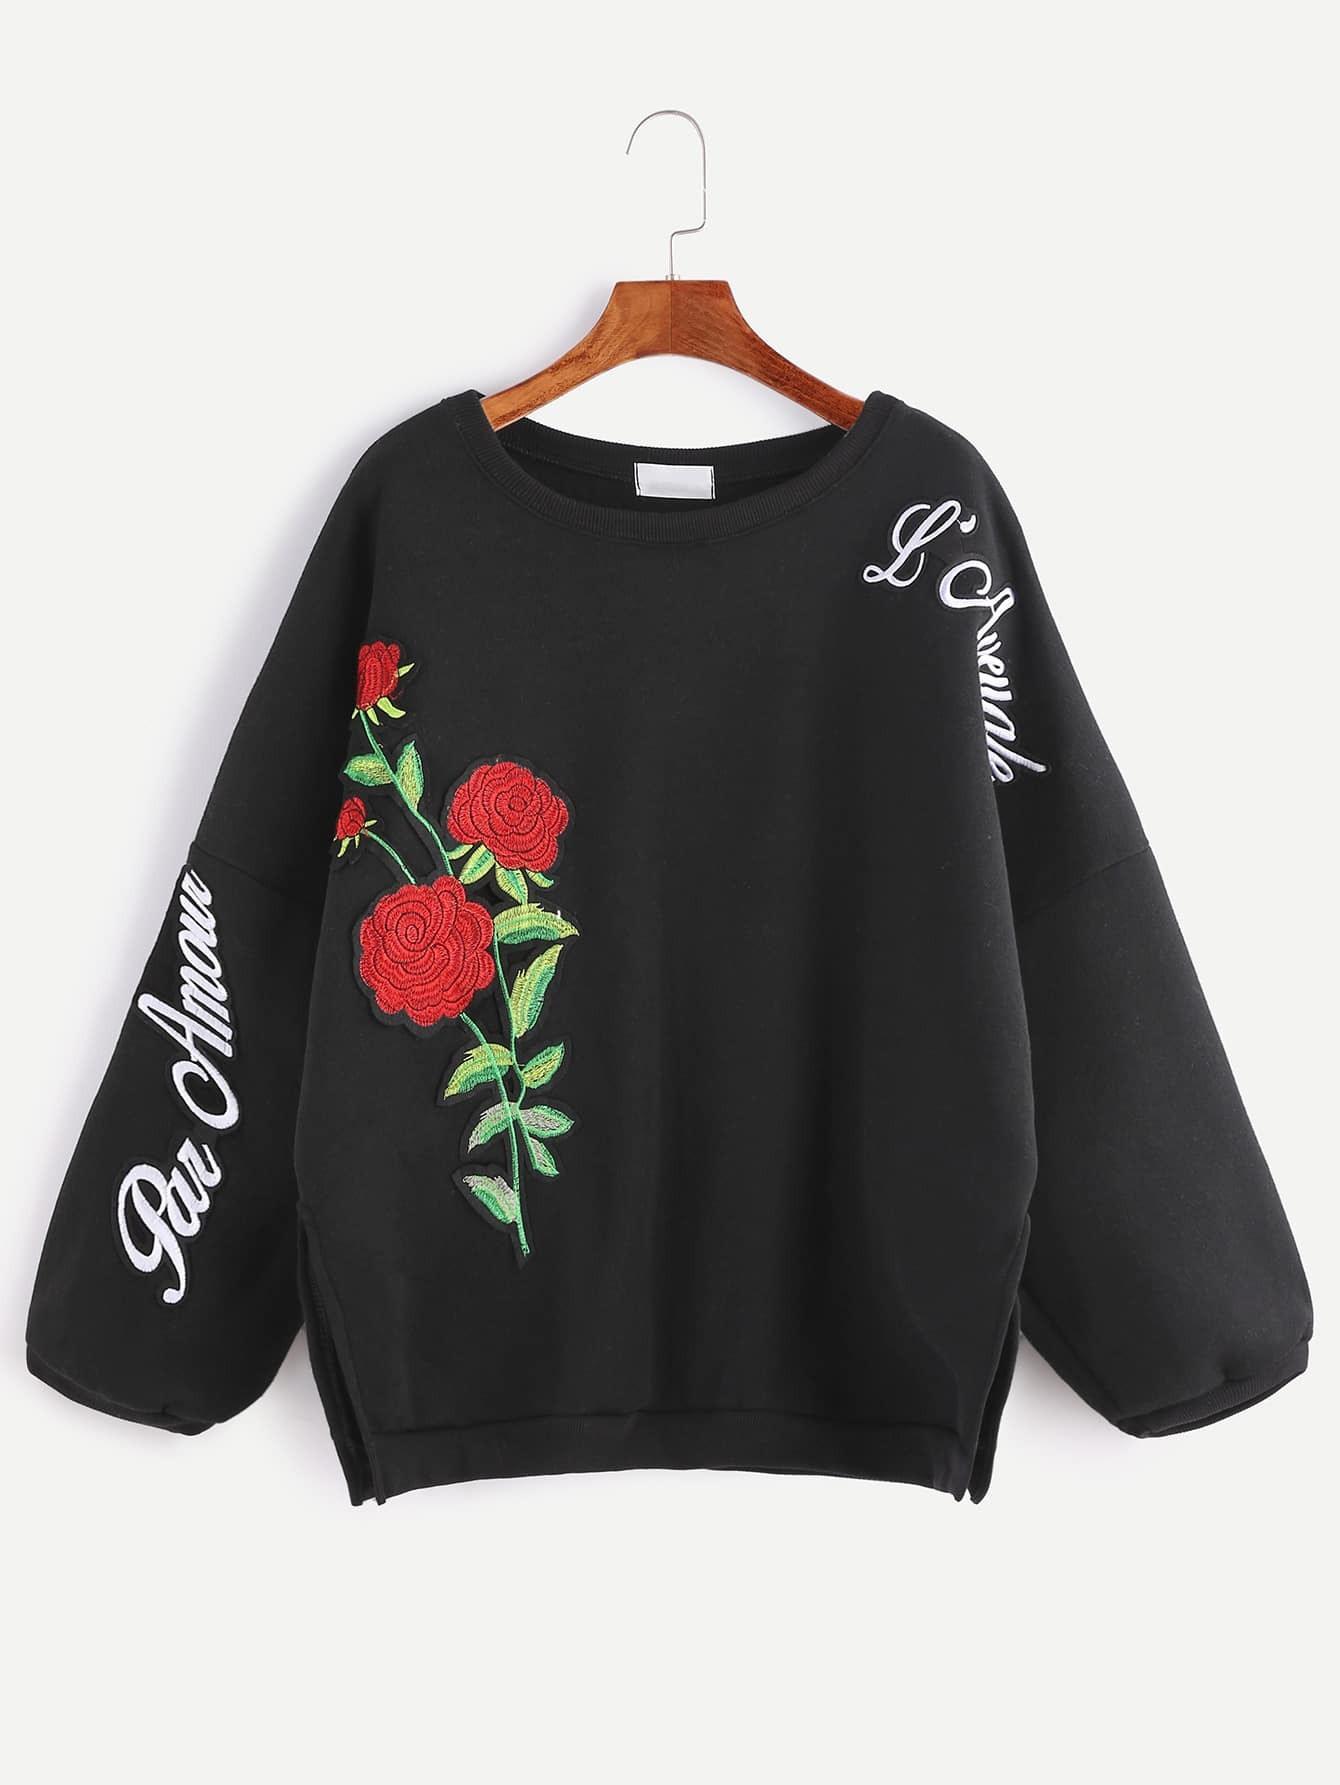 sweatshirt161222102_2